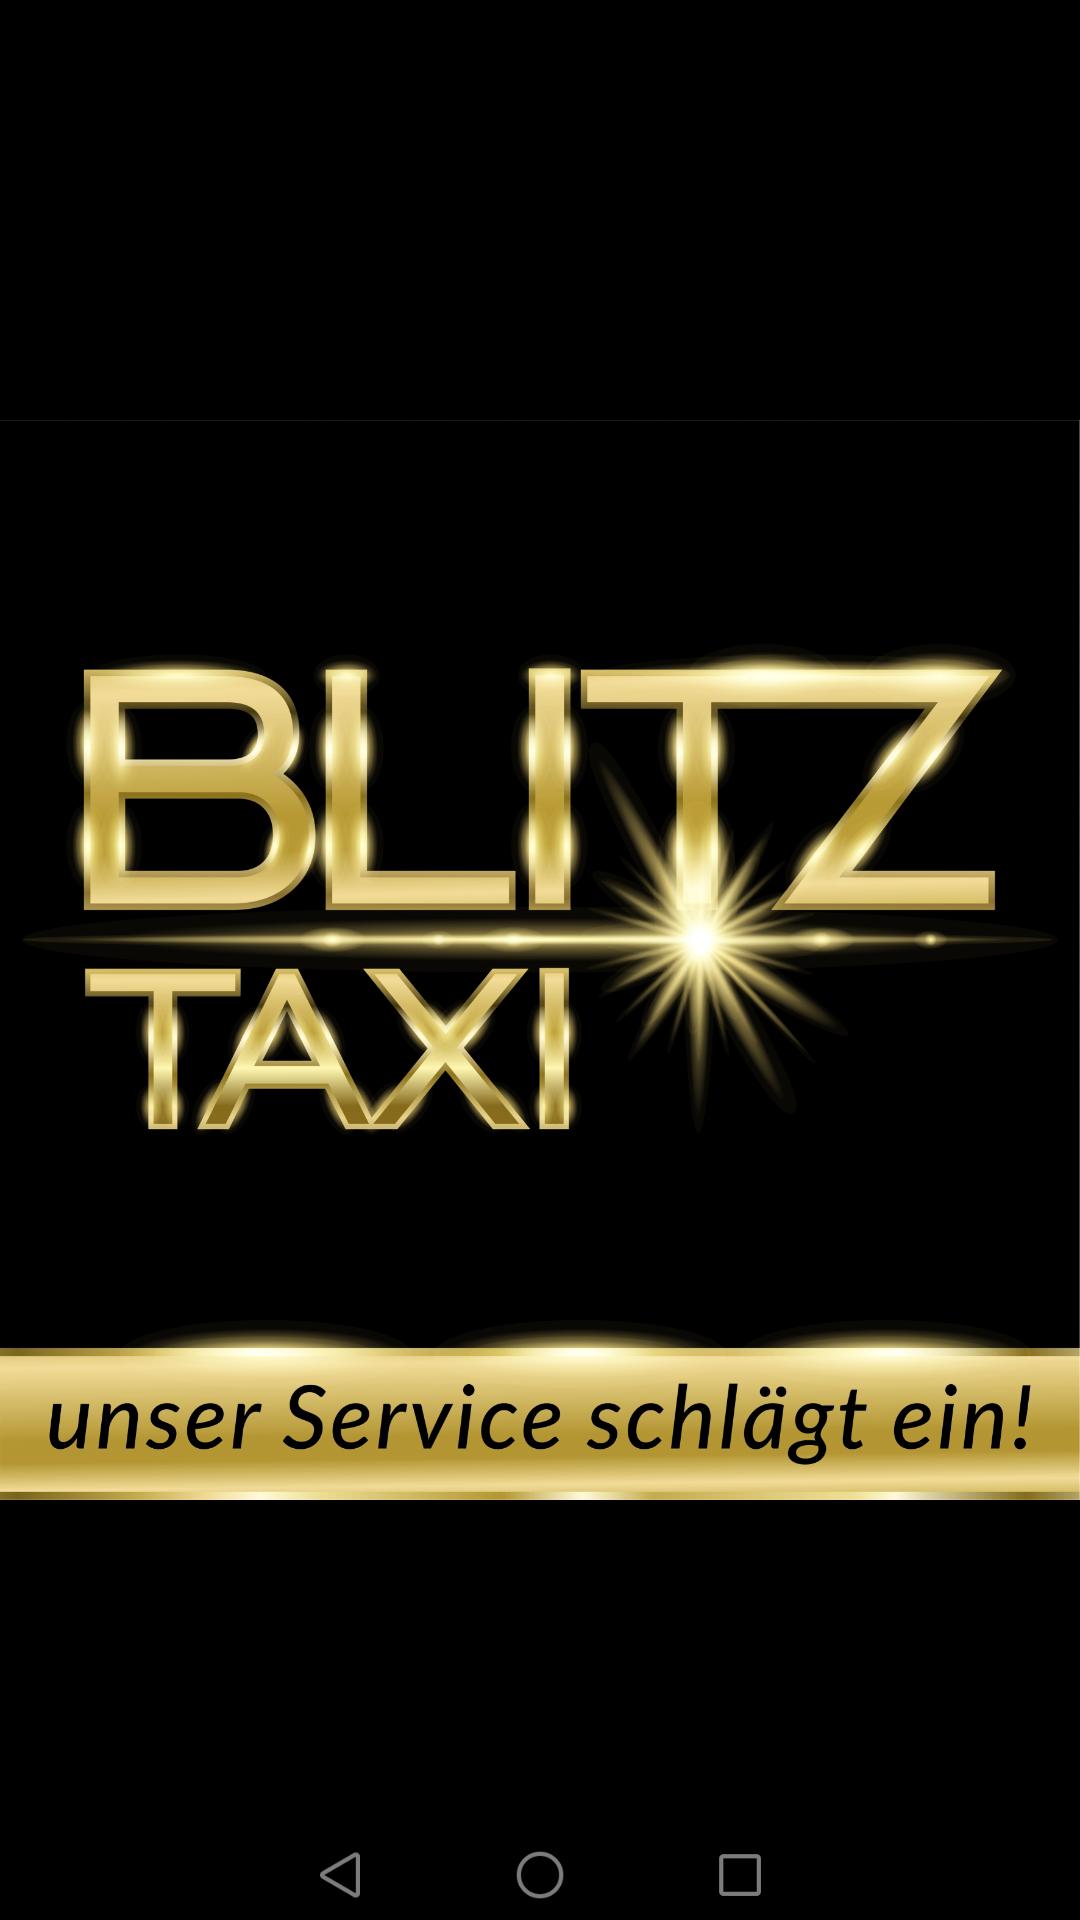 Blitz-Taxi